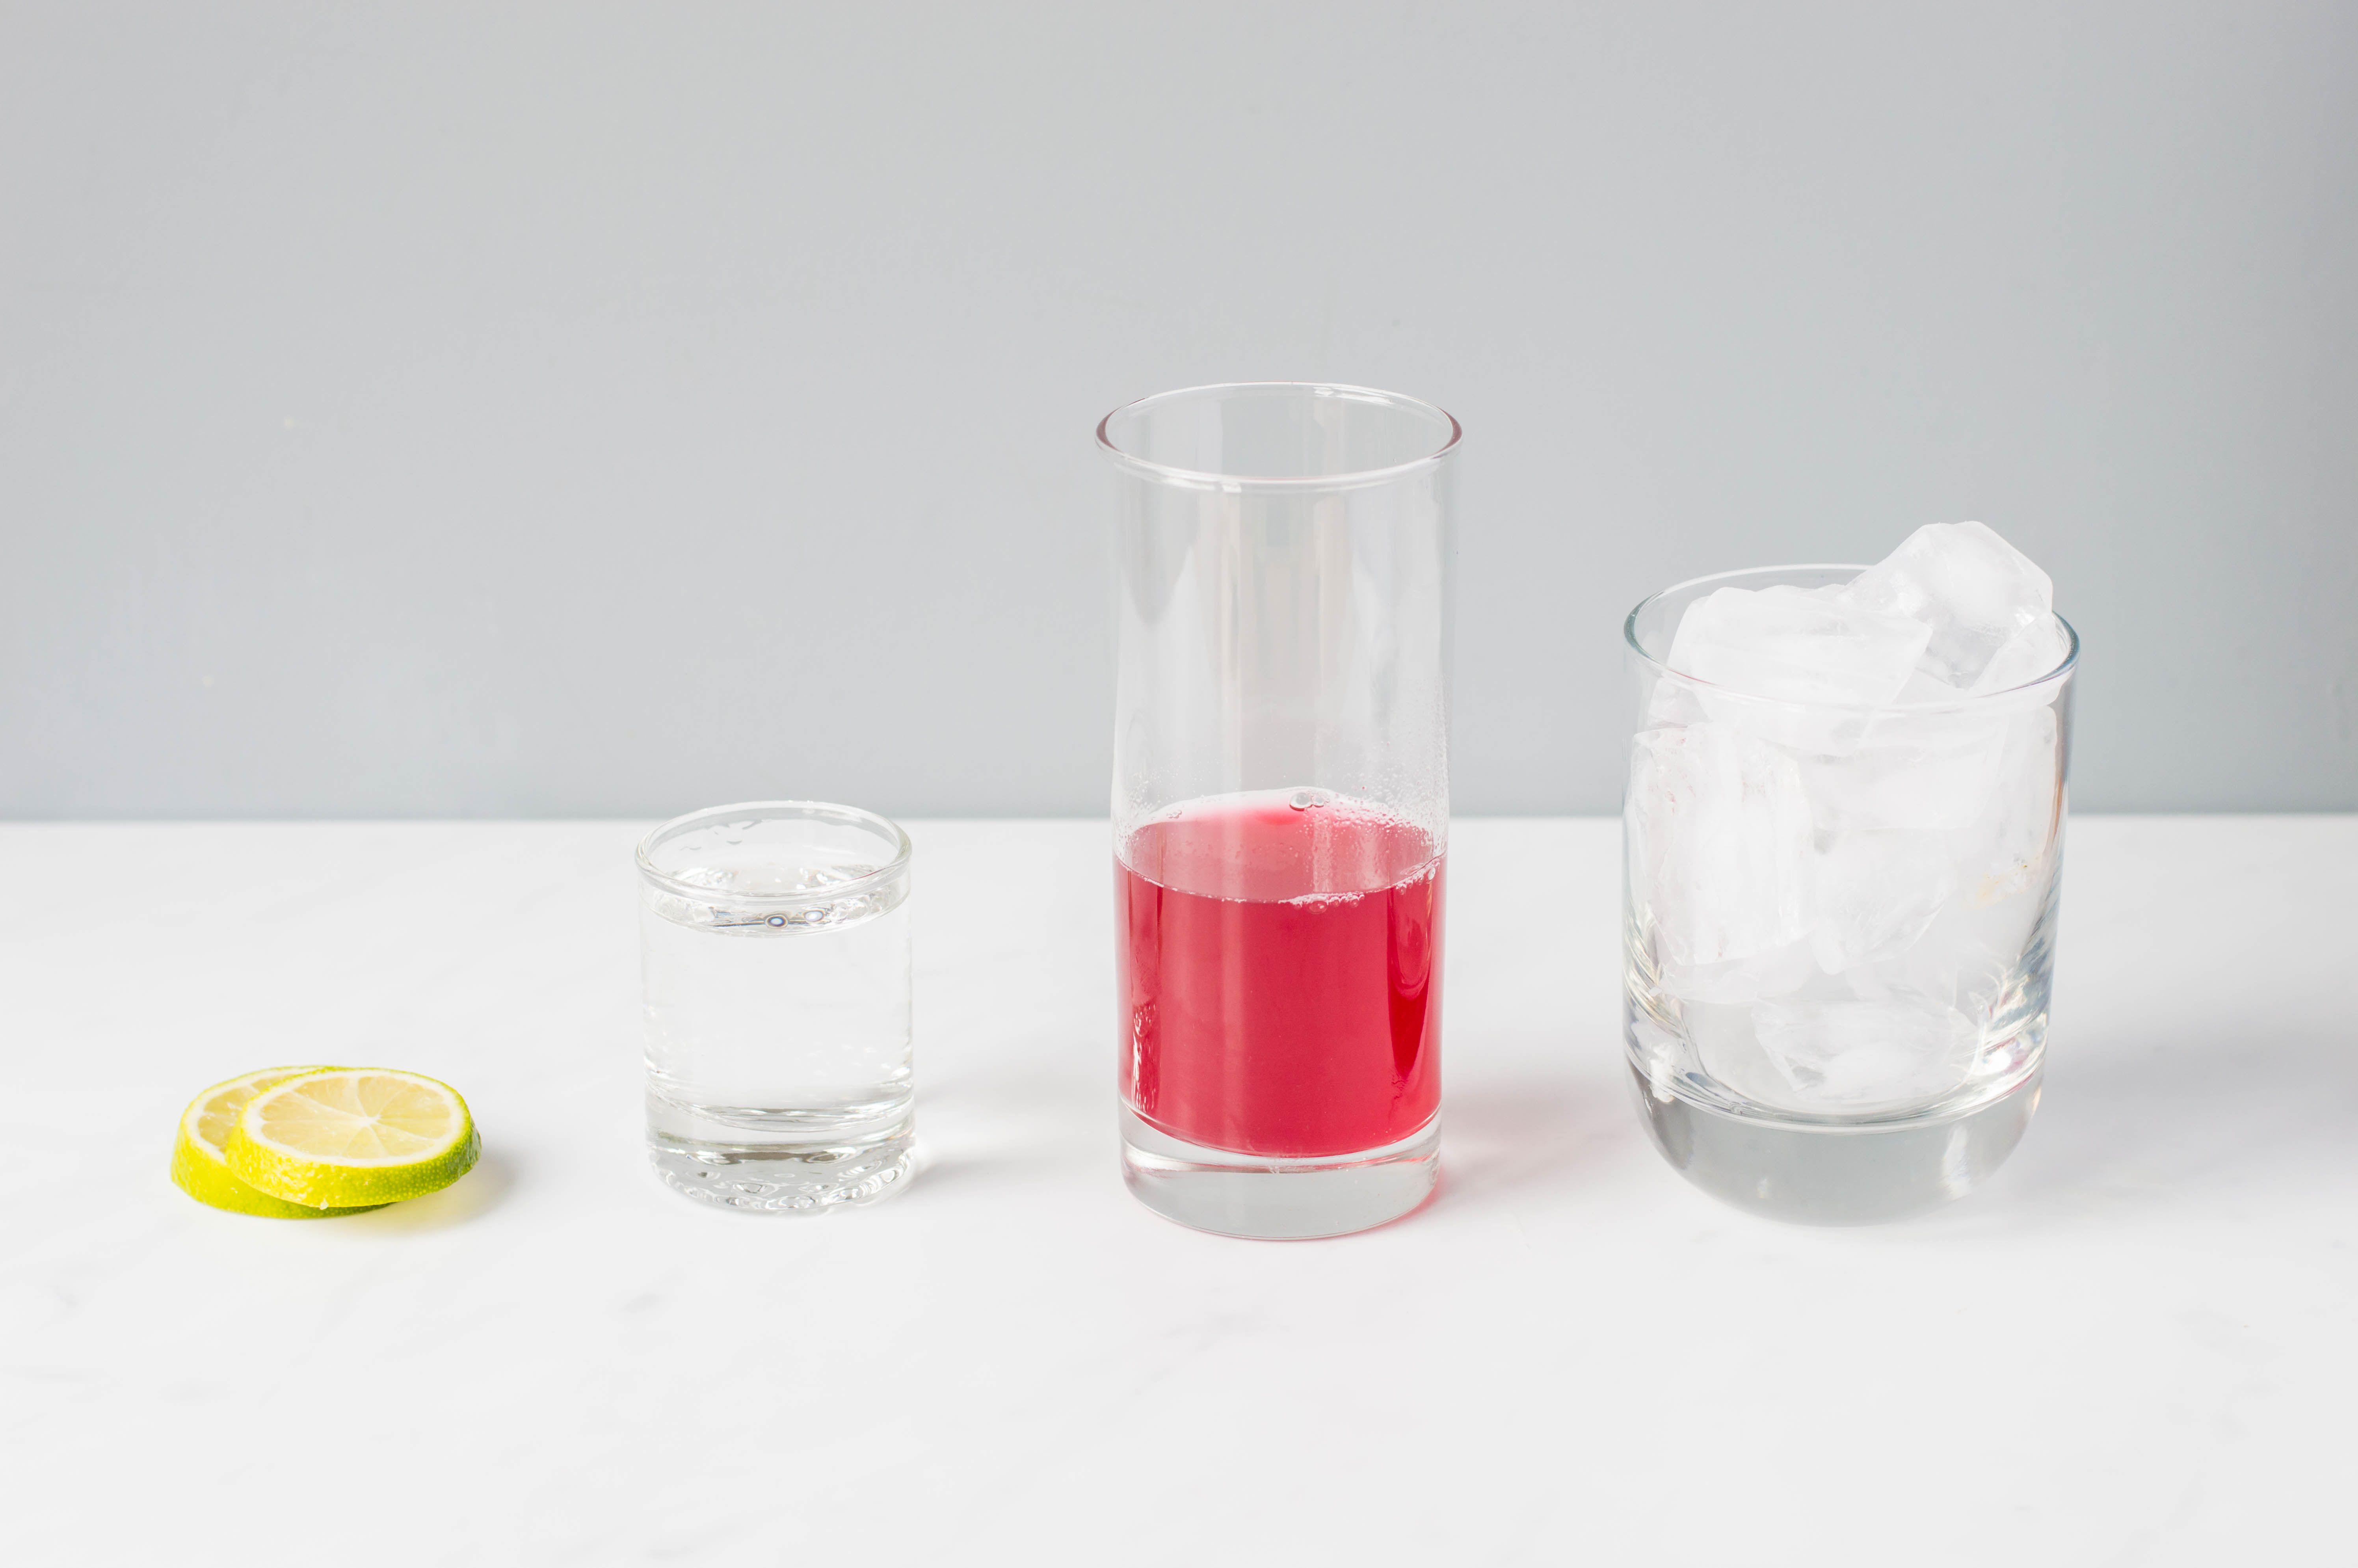 Ingredients for Frog in a Blender cocktail